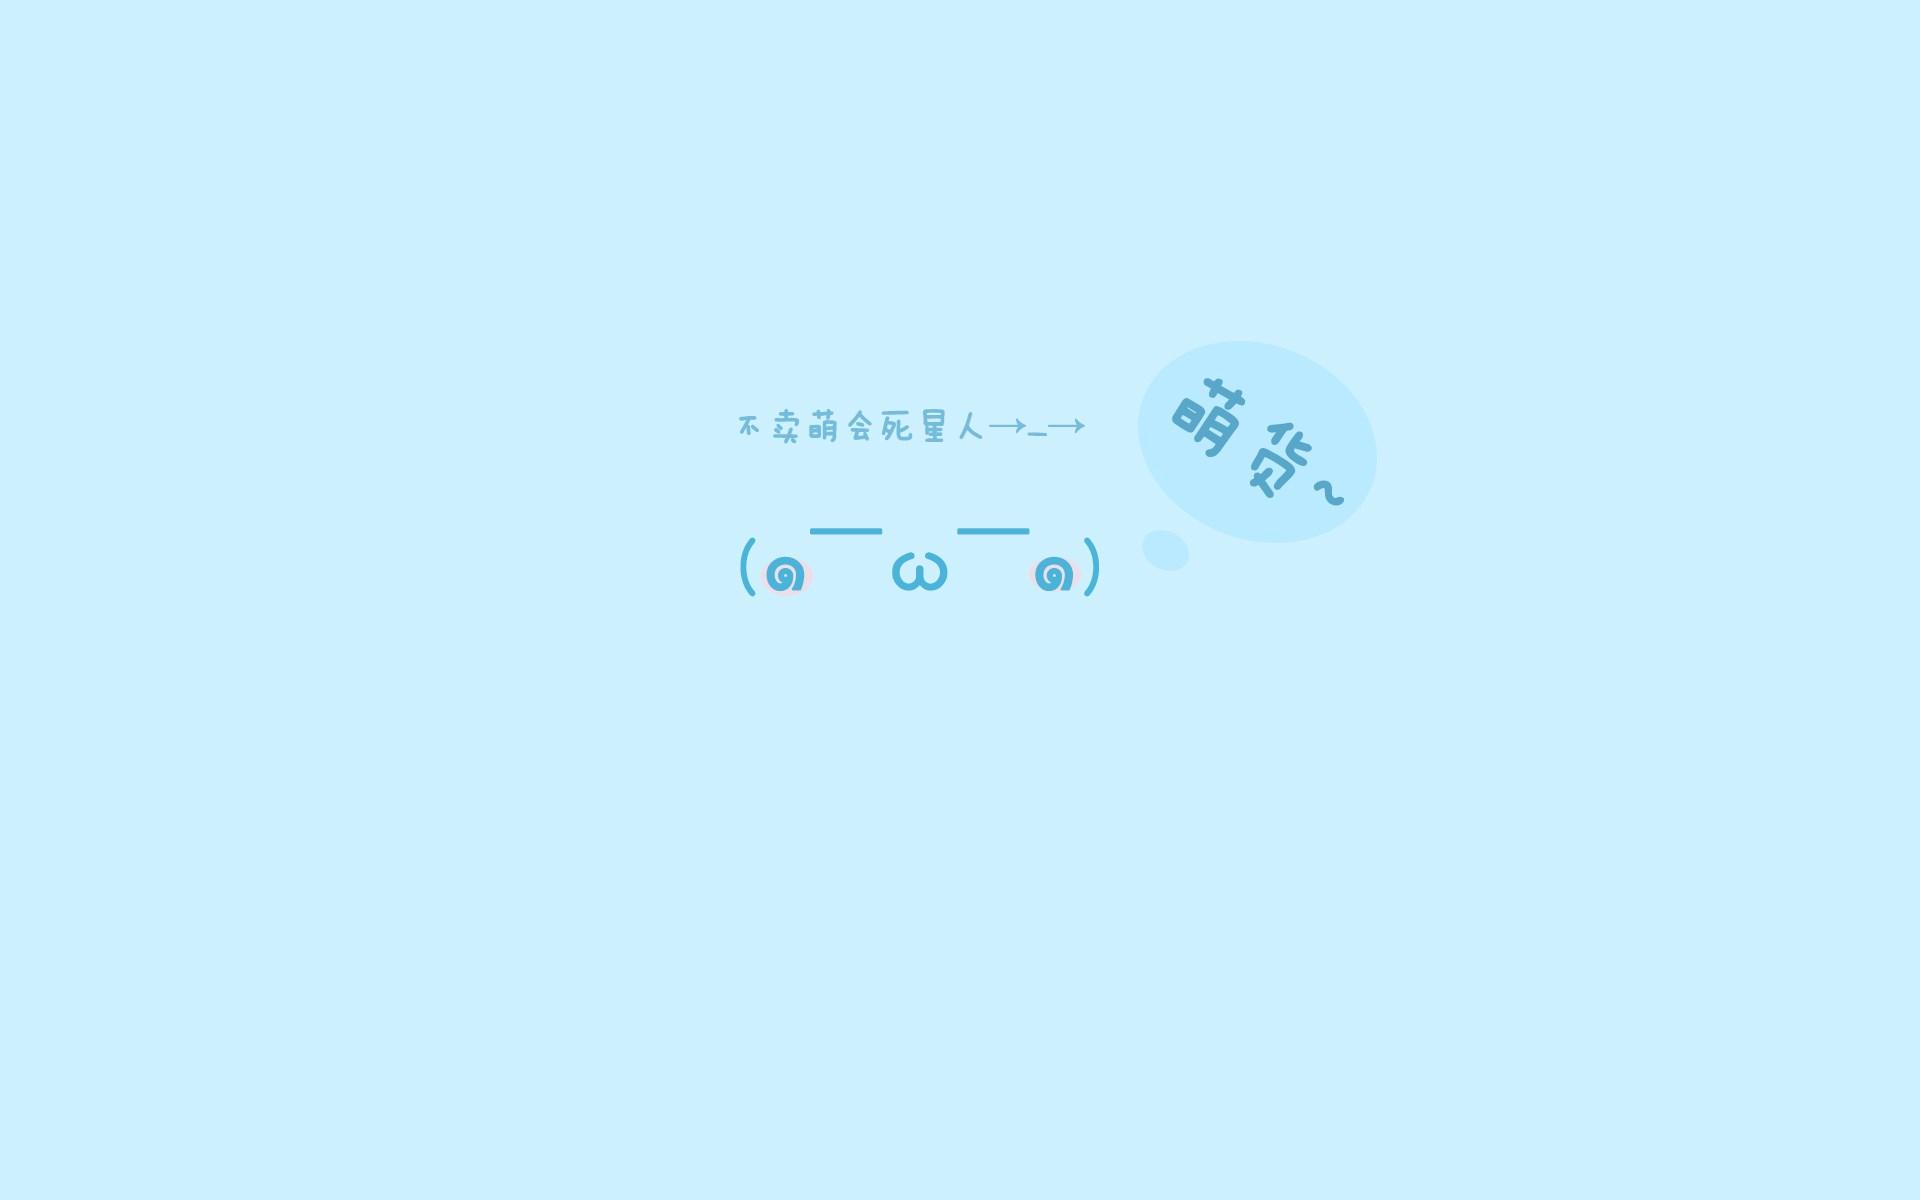 可爱简约文字卖萌ppt背景图片下载